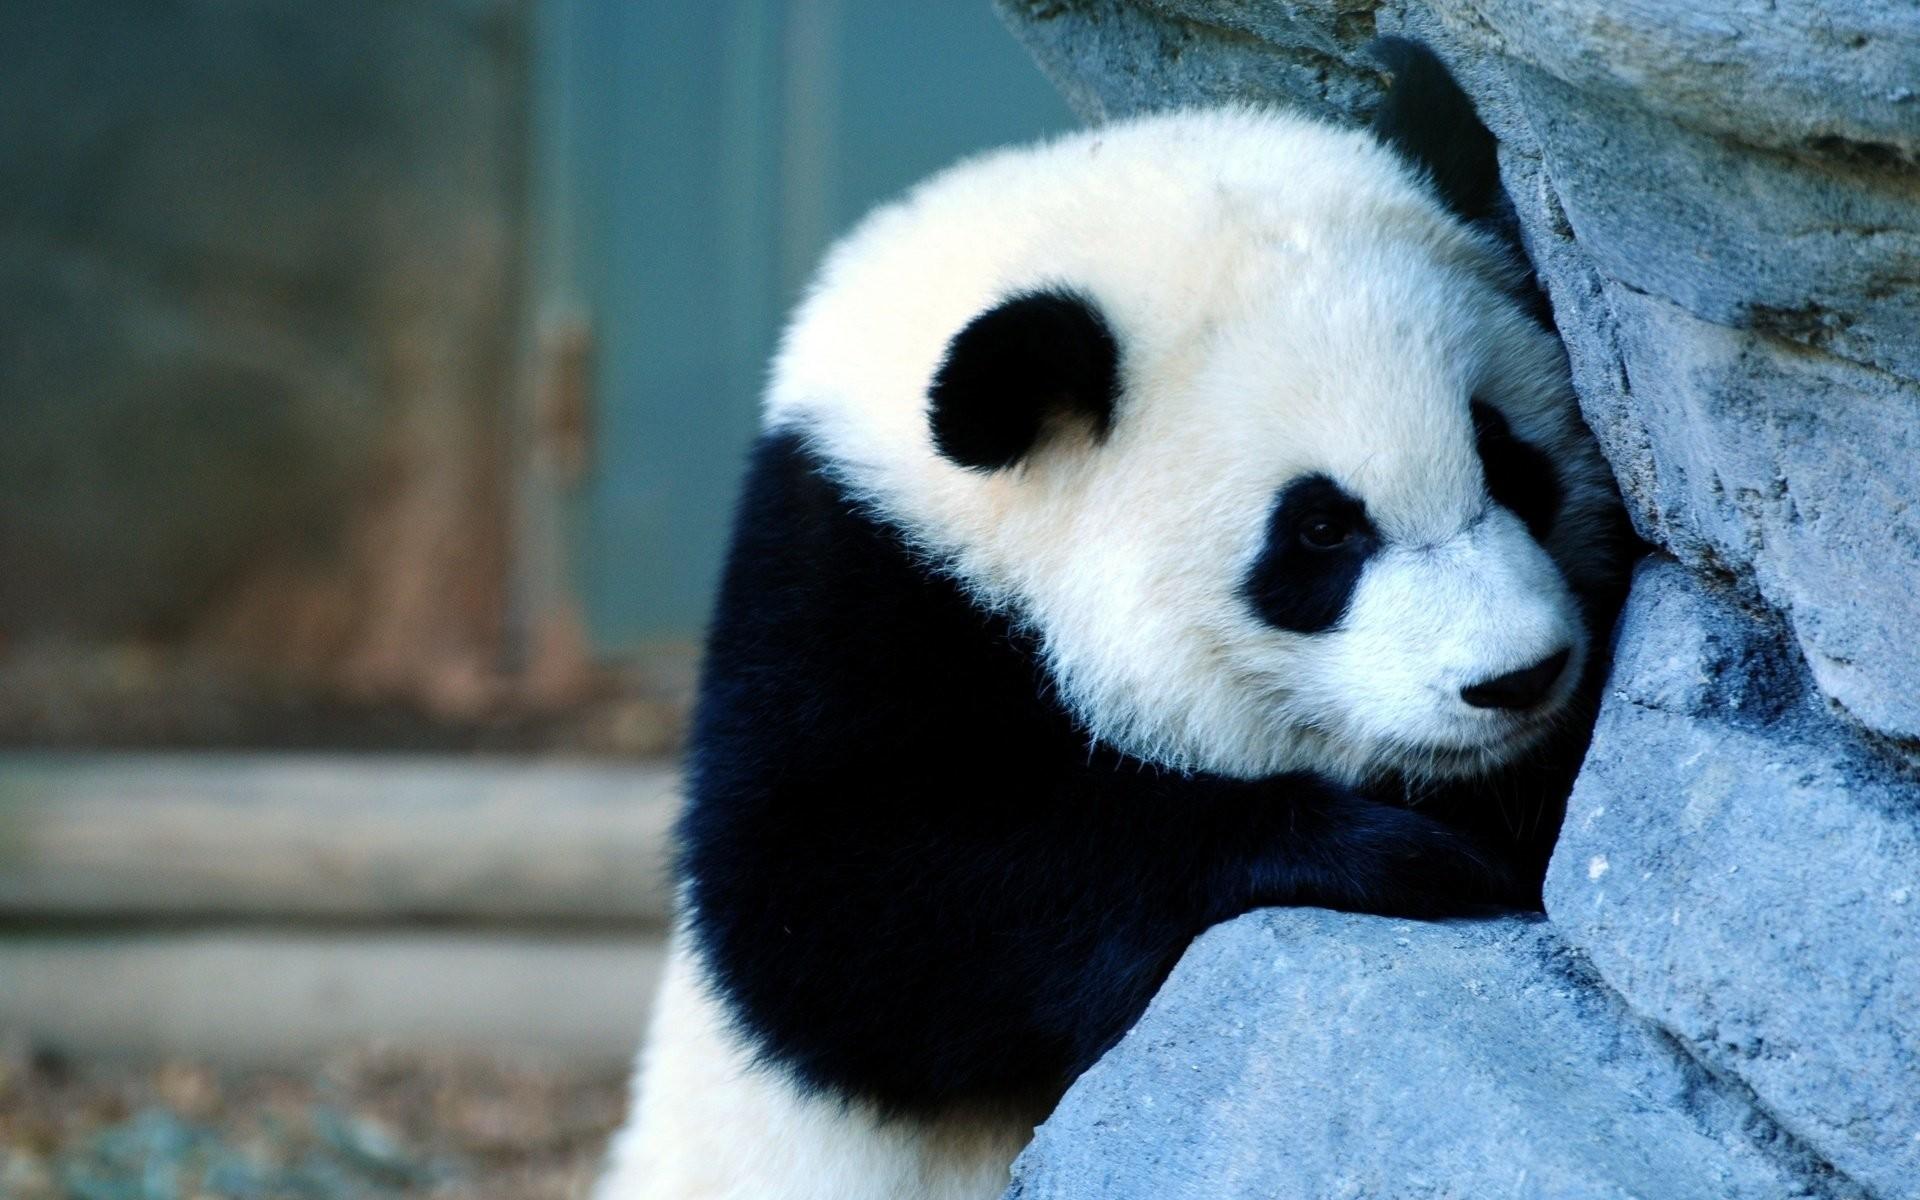 Panda Bear Wallpapers (62+ images)